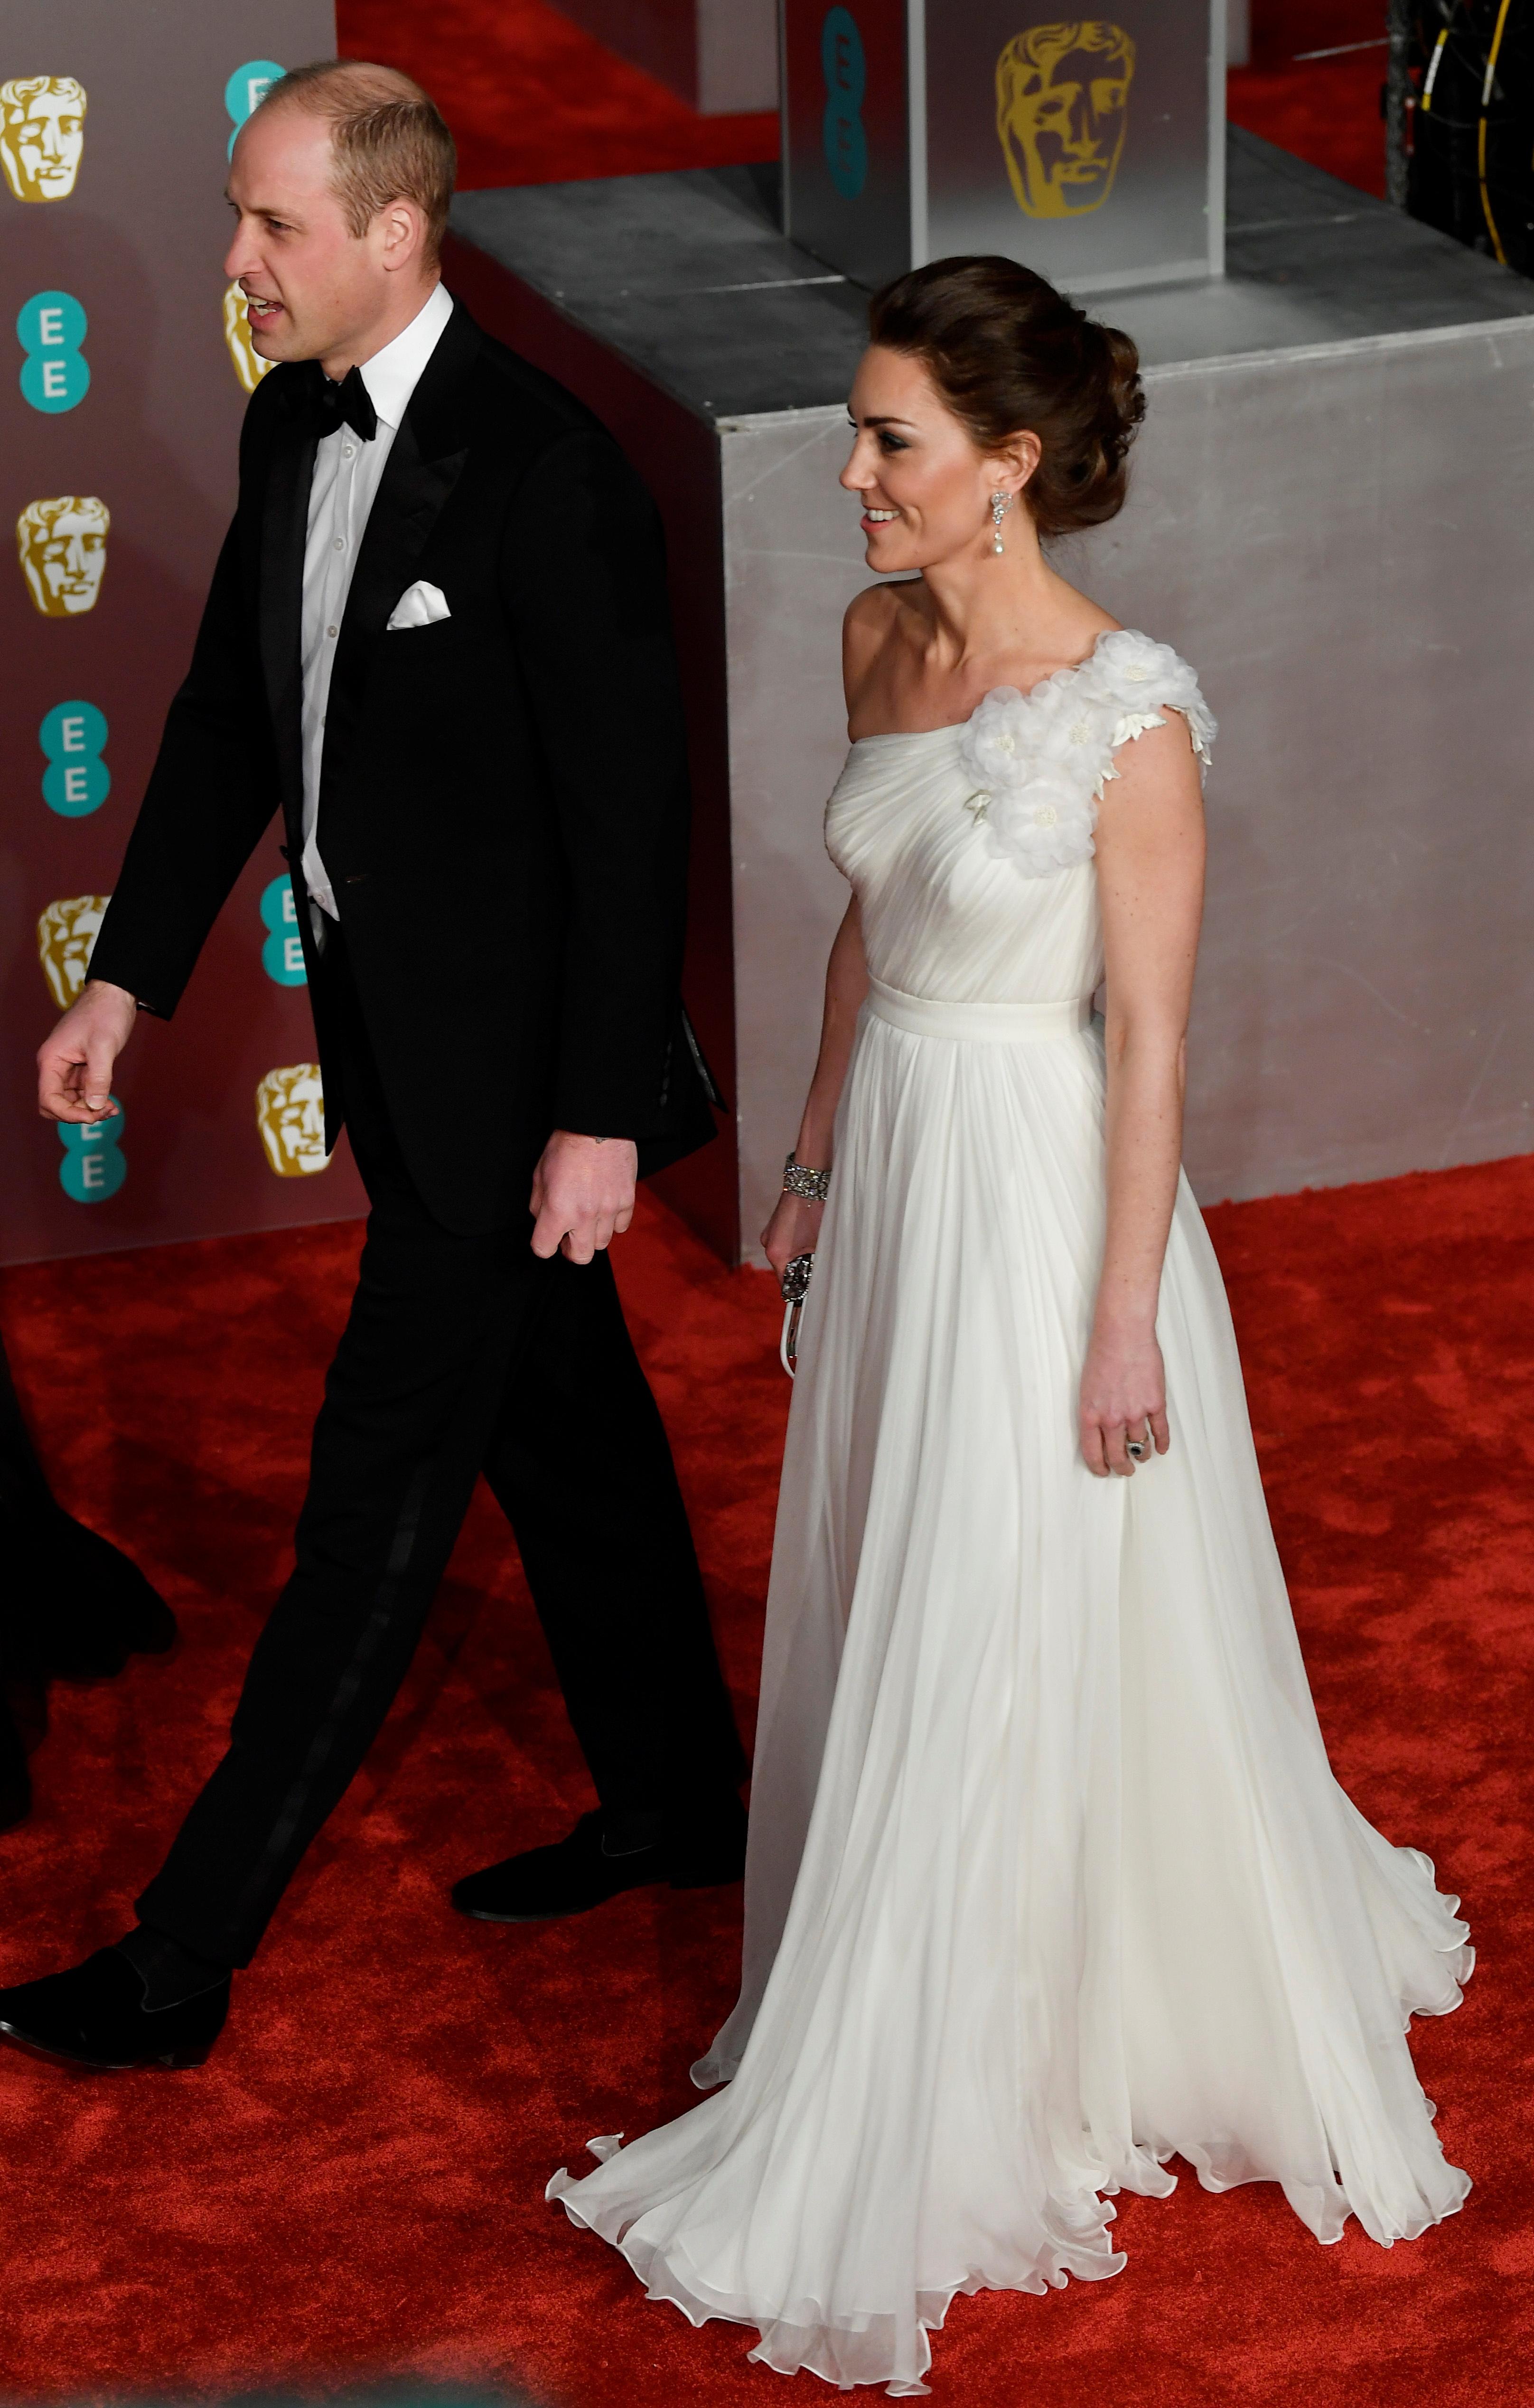 Kate Middleton jak gwiazda filmowa! Księżna w wieczorowej kreacji zrobiła furorę